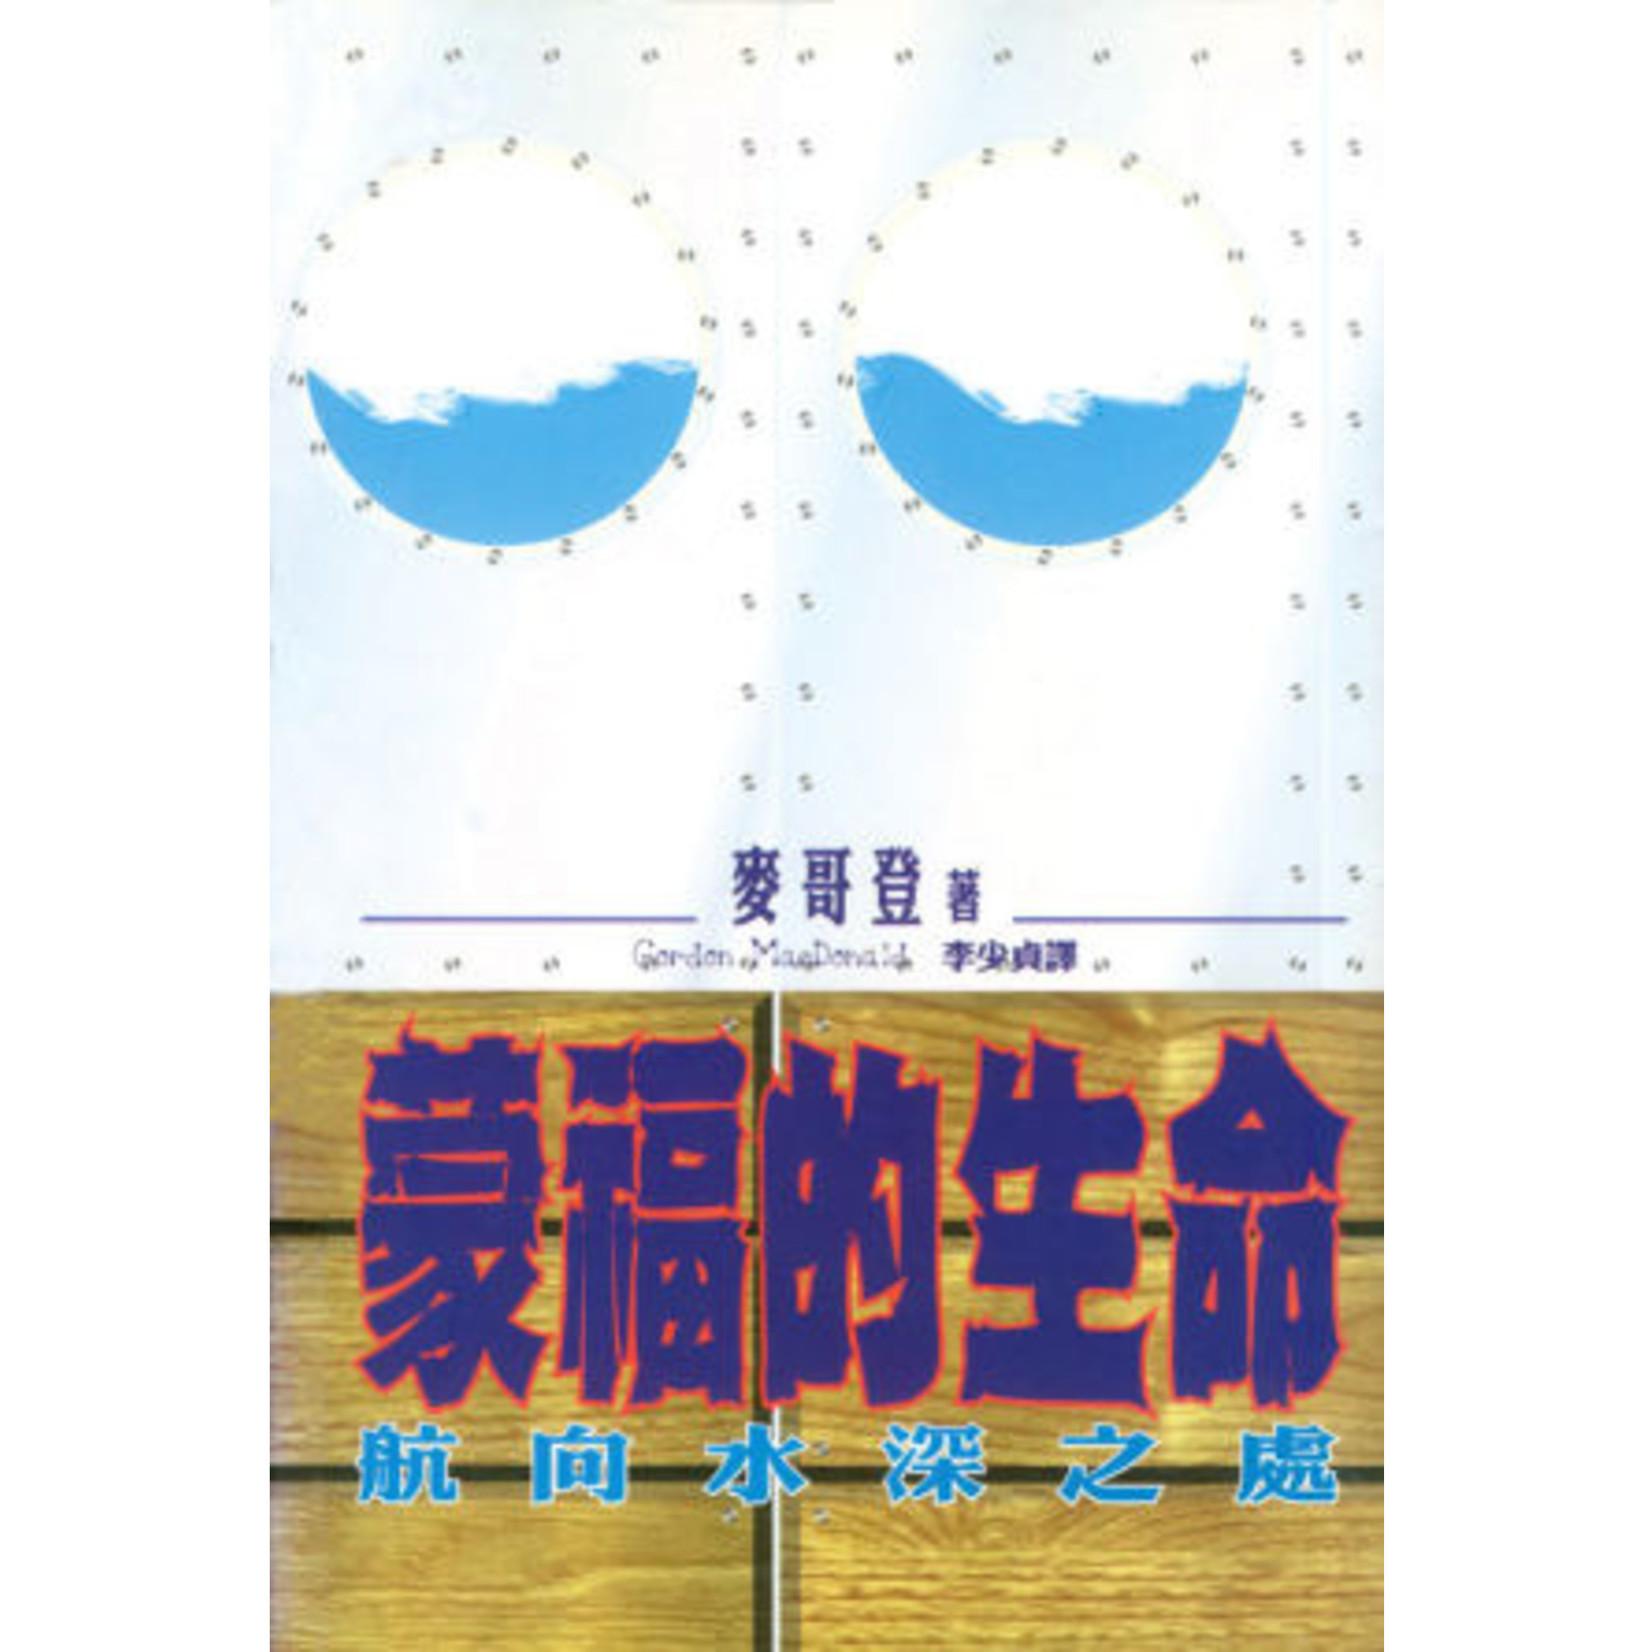 天道書樓 Tien Dao Publishing House 蒙福的生命:航向水深之處 The life God blesses